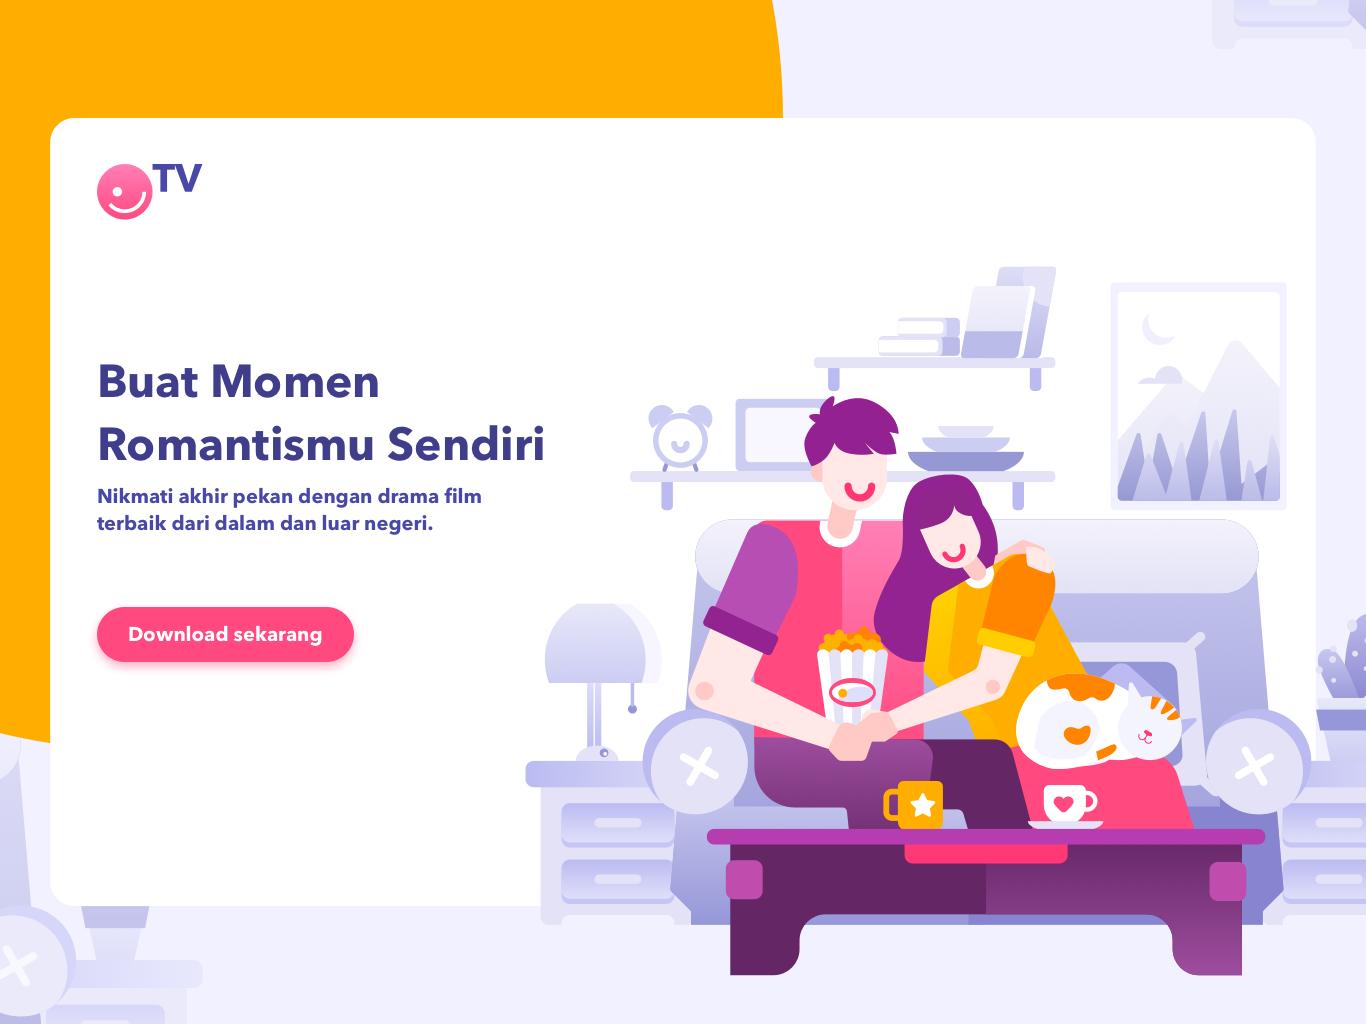 Tv Illustration v.01 romance intro onboard tv app ecommerce service website design homepage illustration